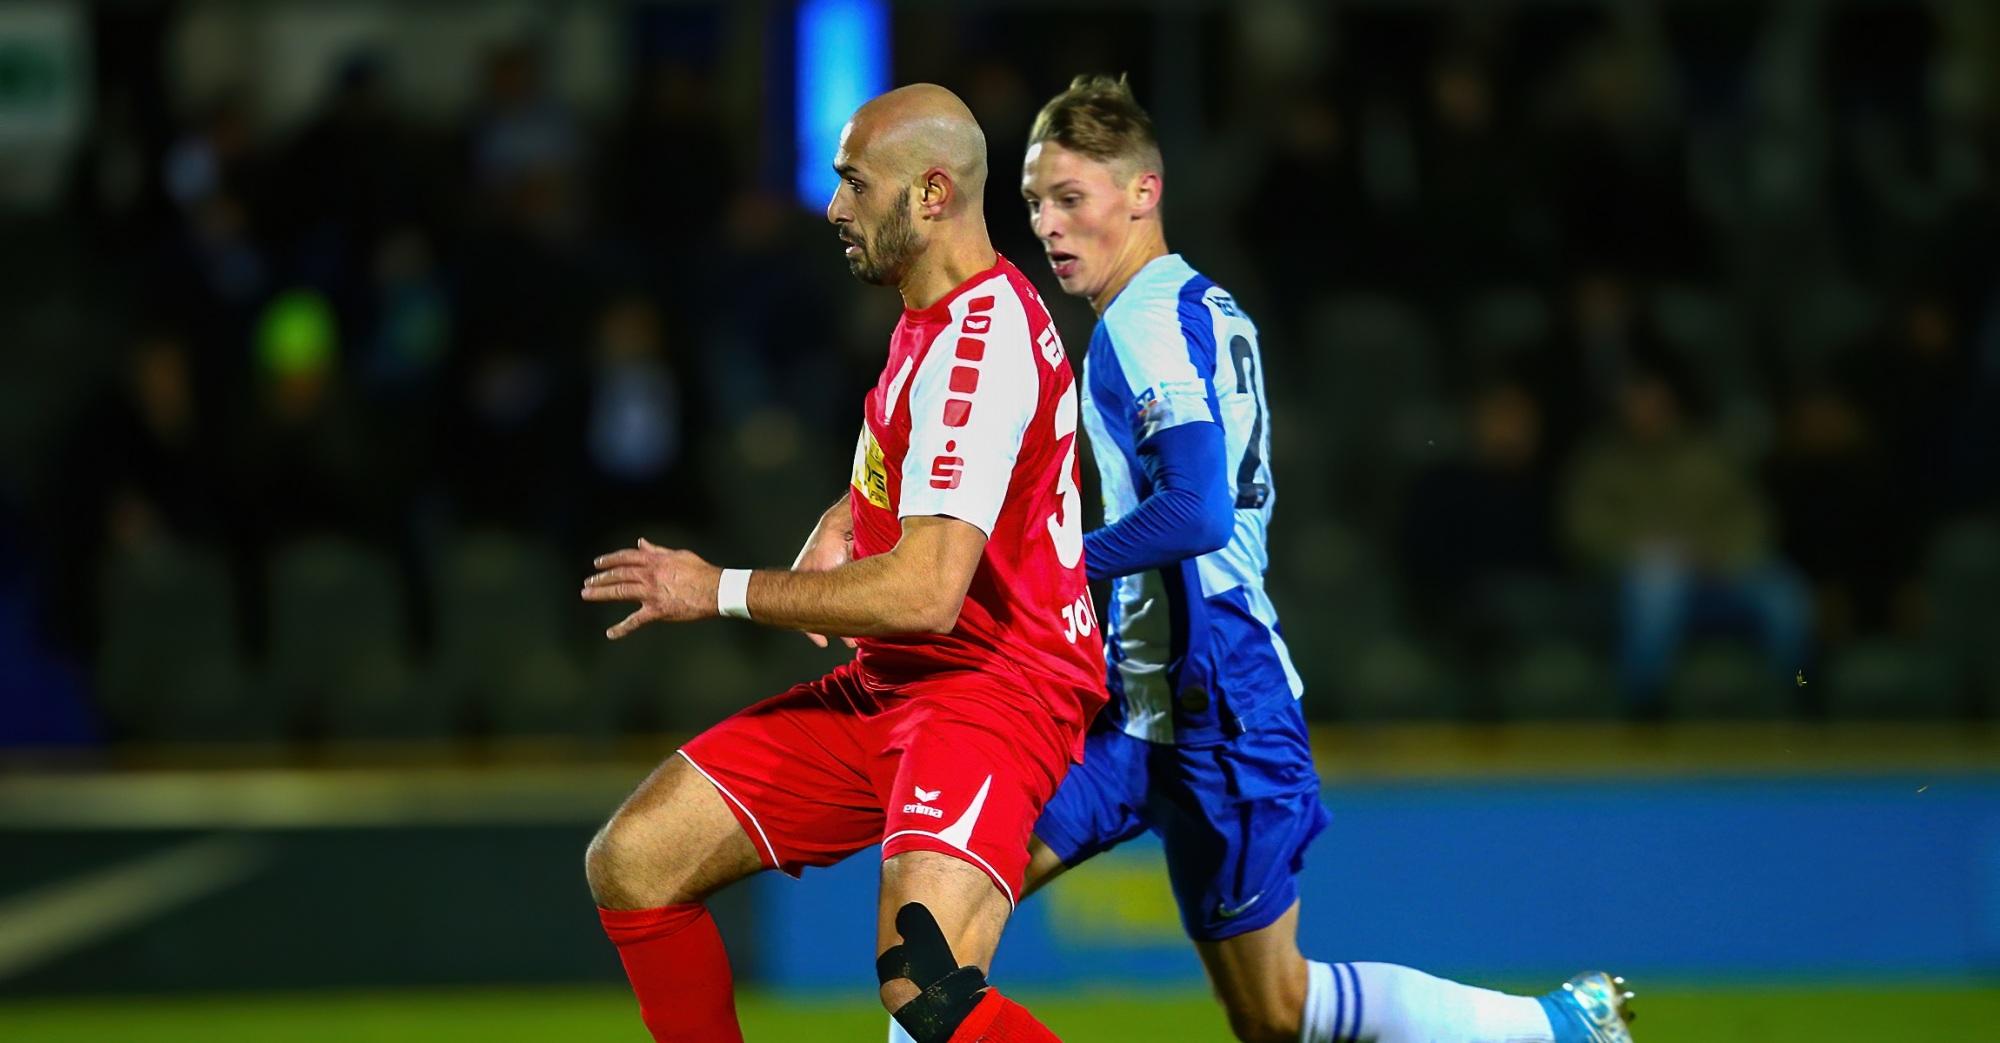 29-11-2019-Hertha-BSC-II---FC-RW-Erfurt-0-0_11.jpg